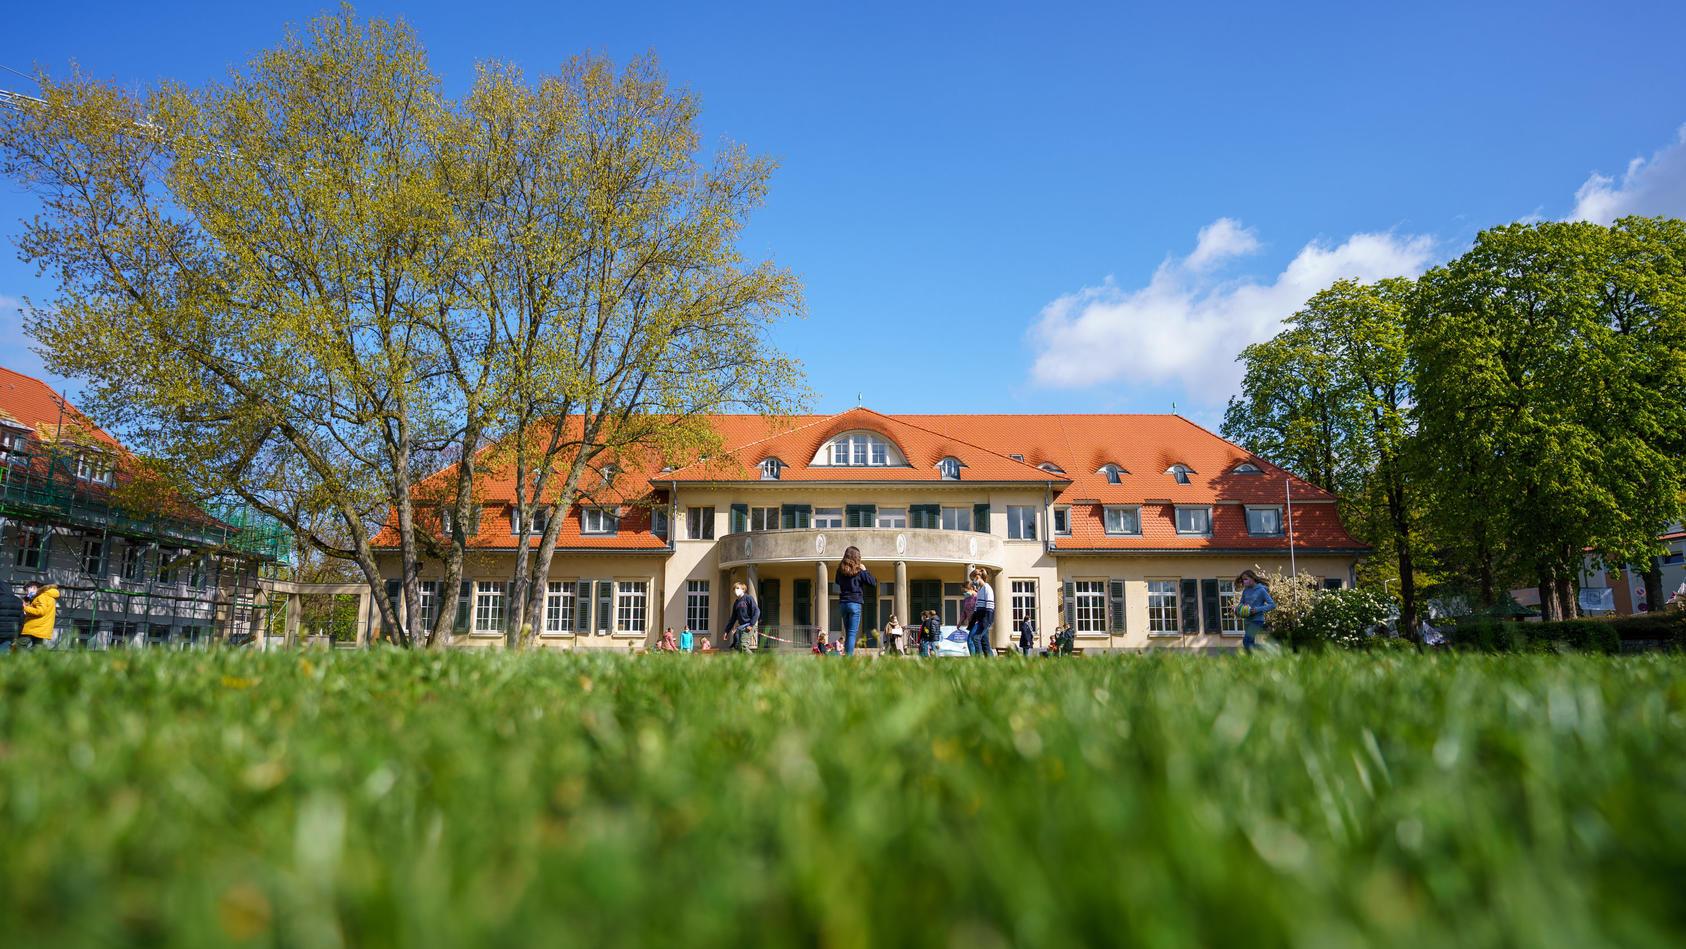 Internate wie das Schulzentrum Marienhöhe in Darmstadt gewinnen während der Pandemie an Beliebtheit.